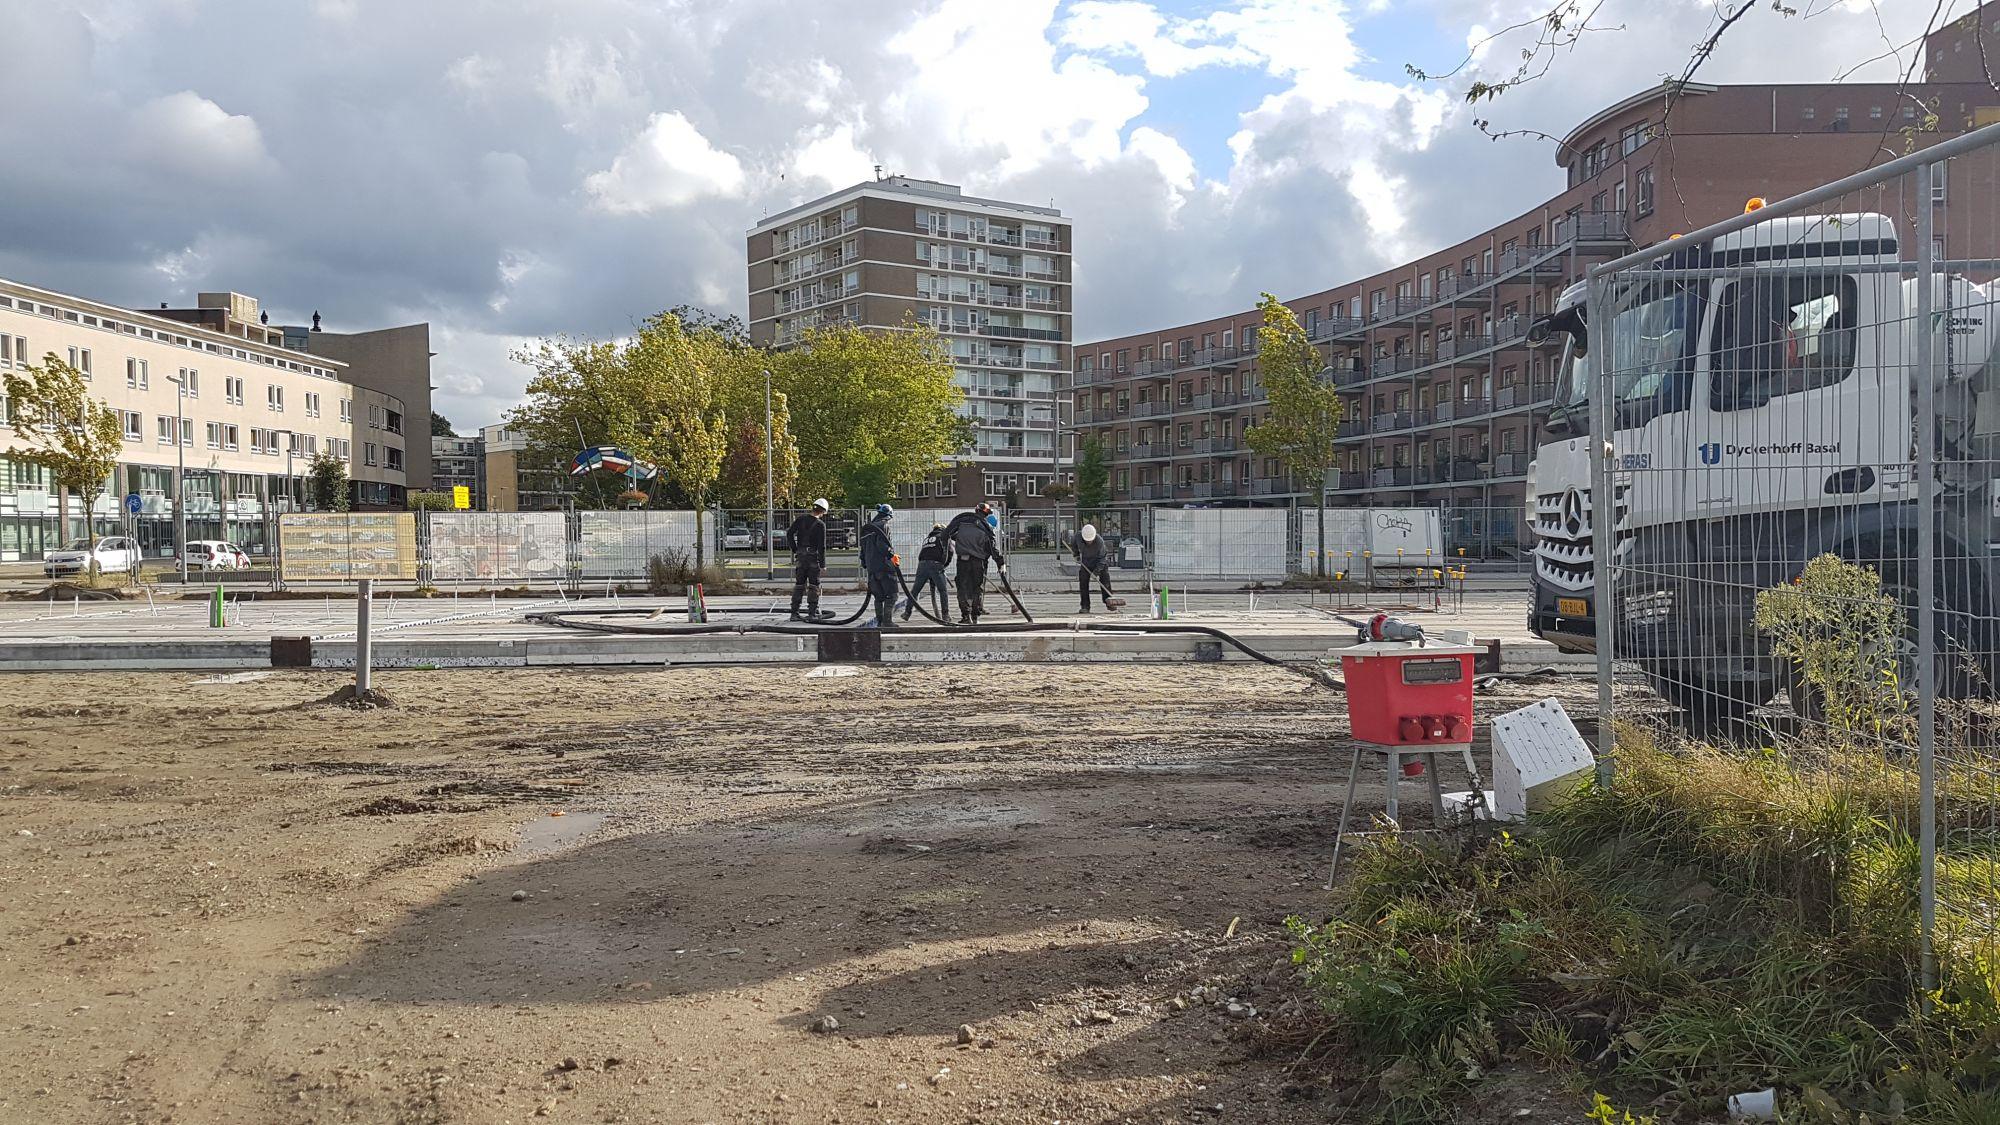 37 appartementen voorhoede grote bouwklus aan Parkweg